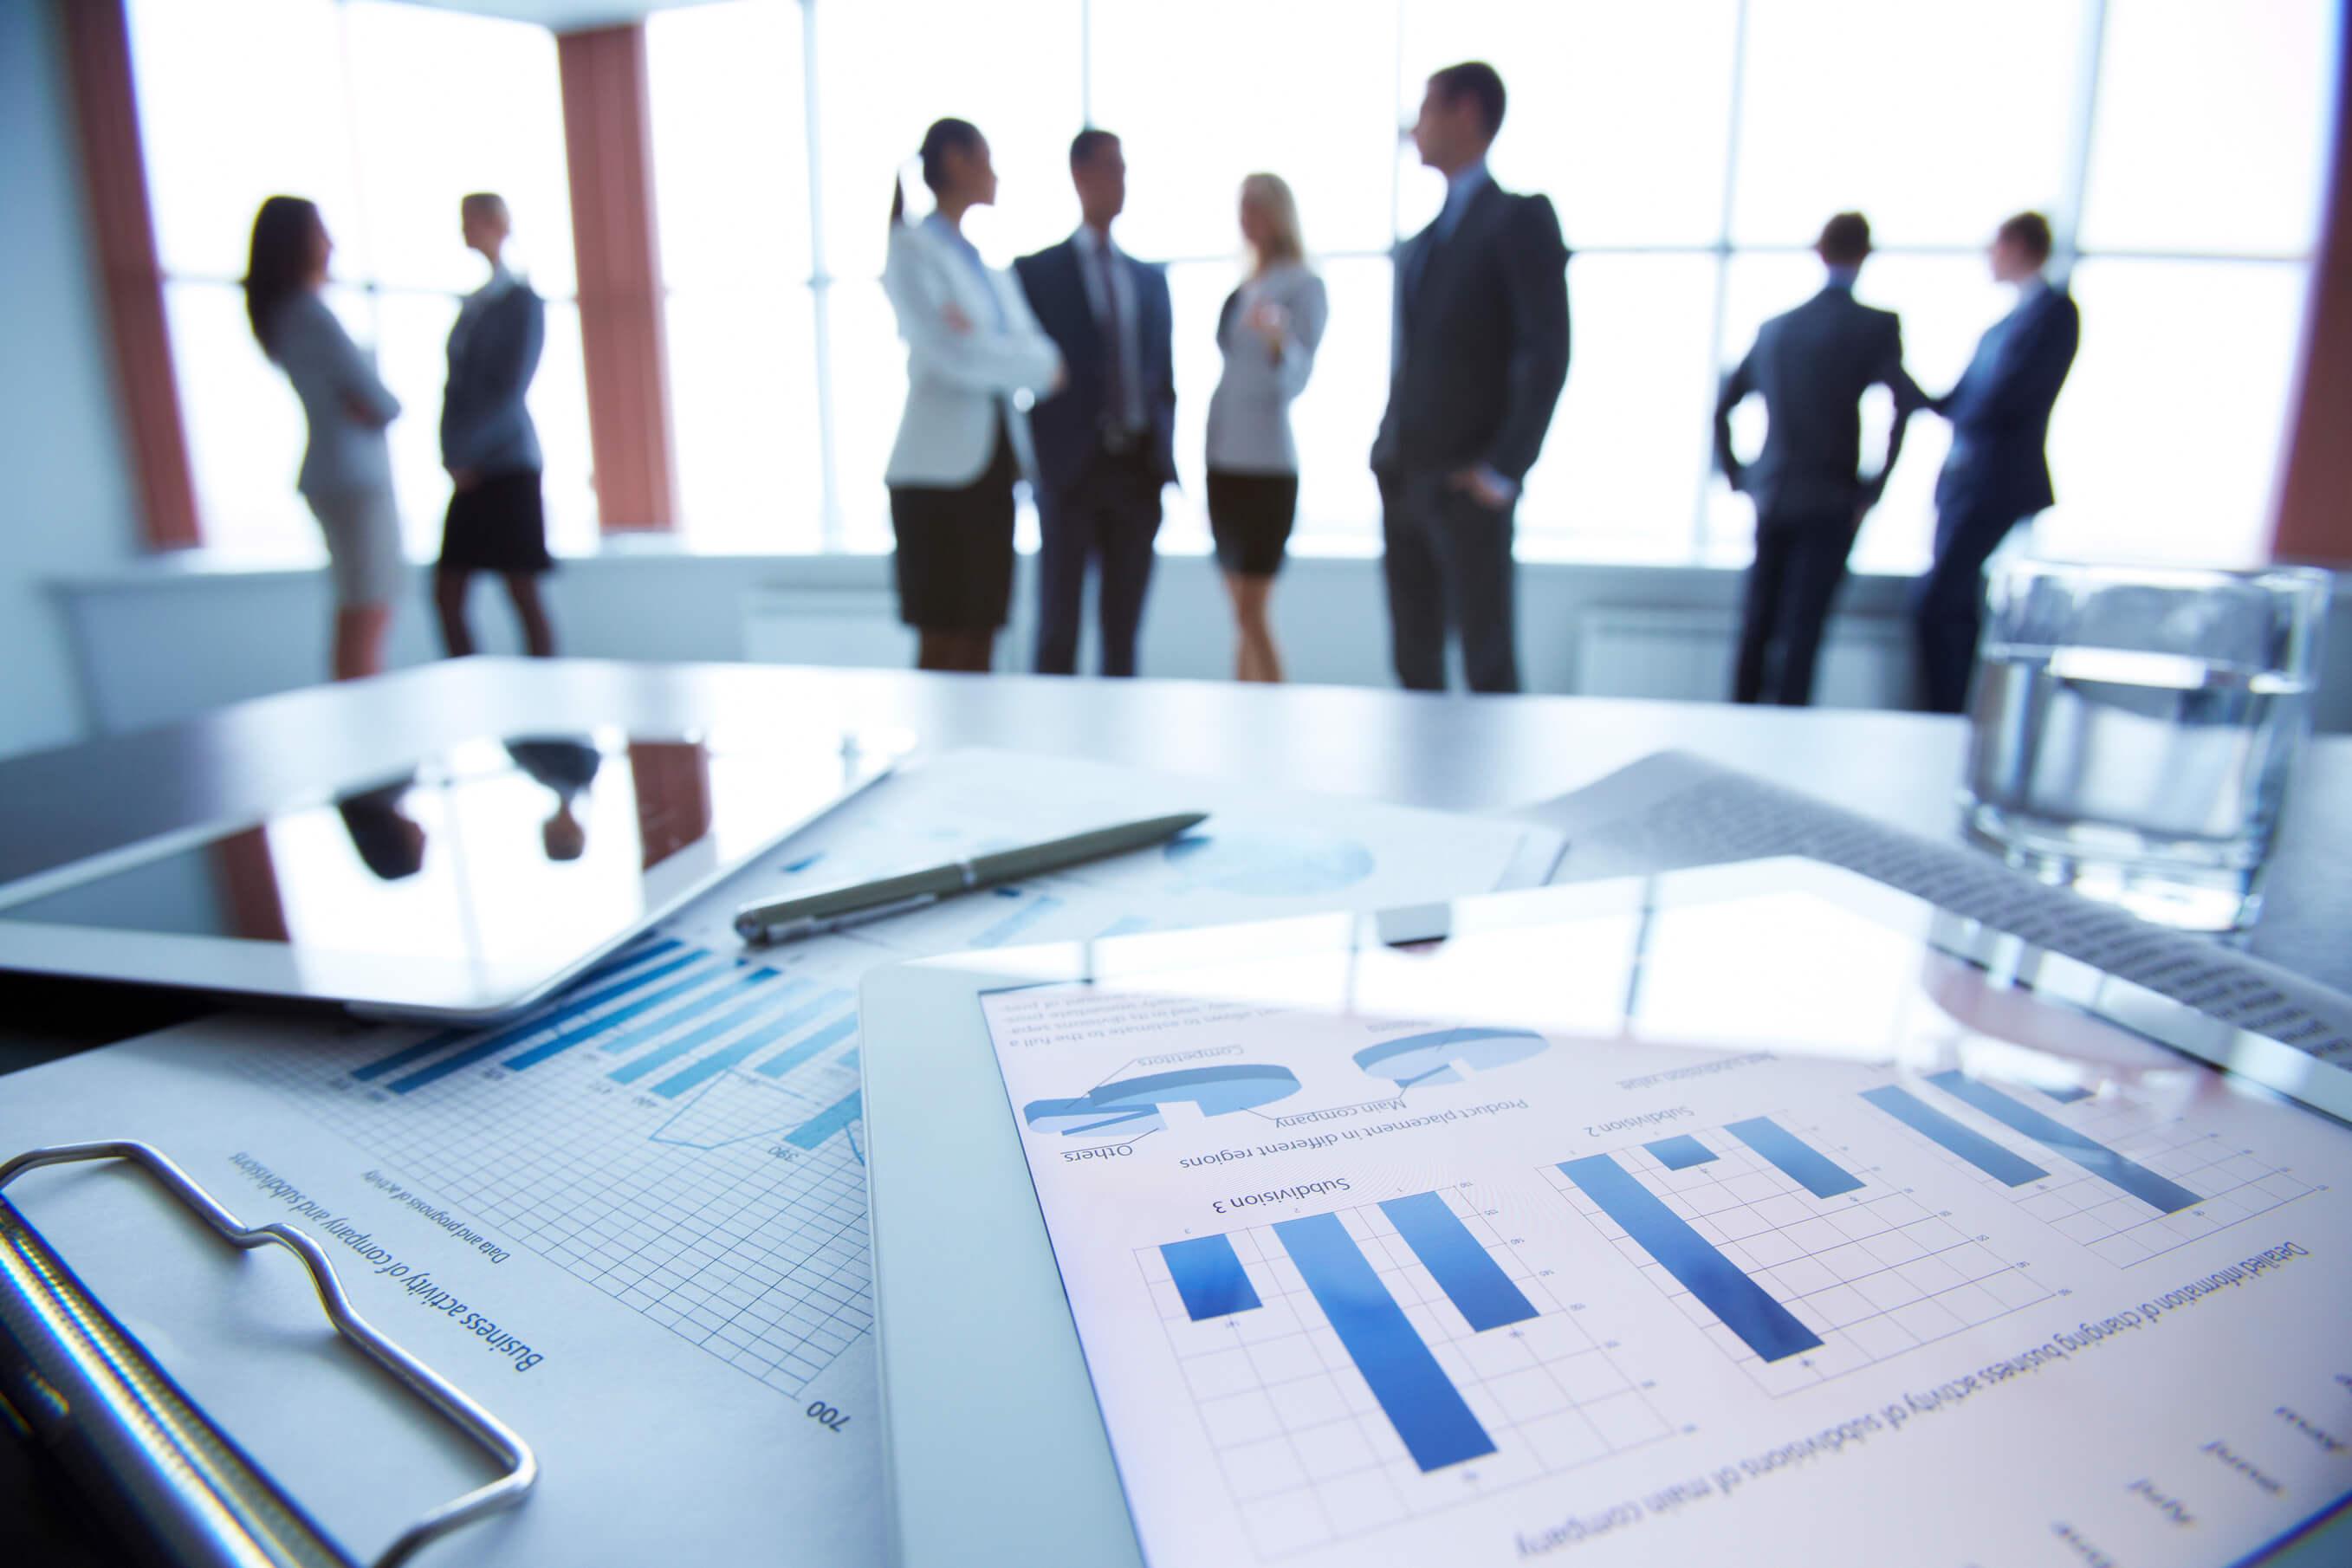 Recursos. ¿Qué son los recursos? Definición y tipos de recursos en una empresa